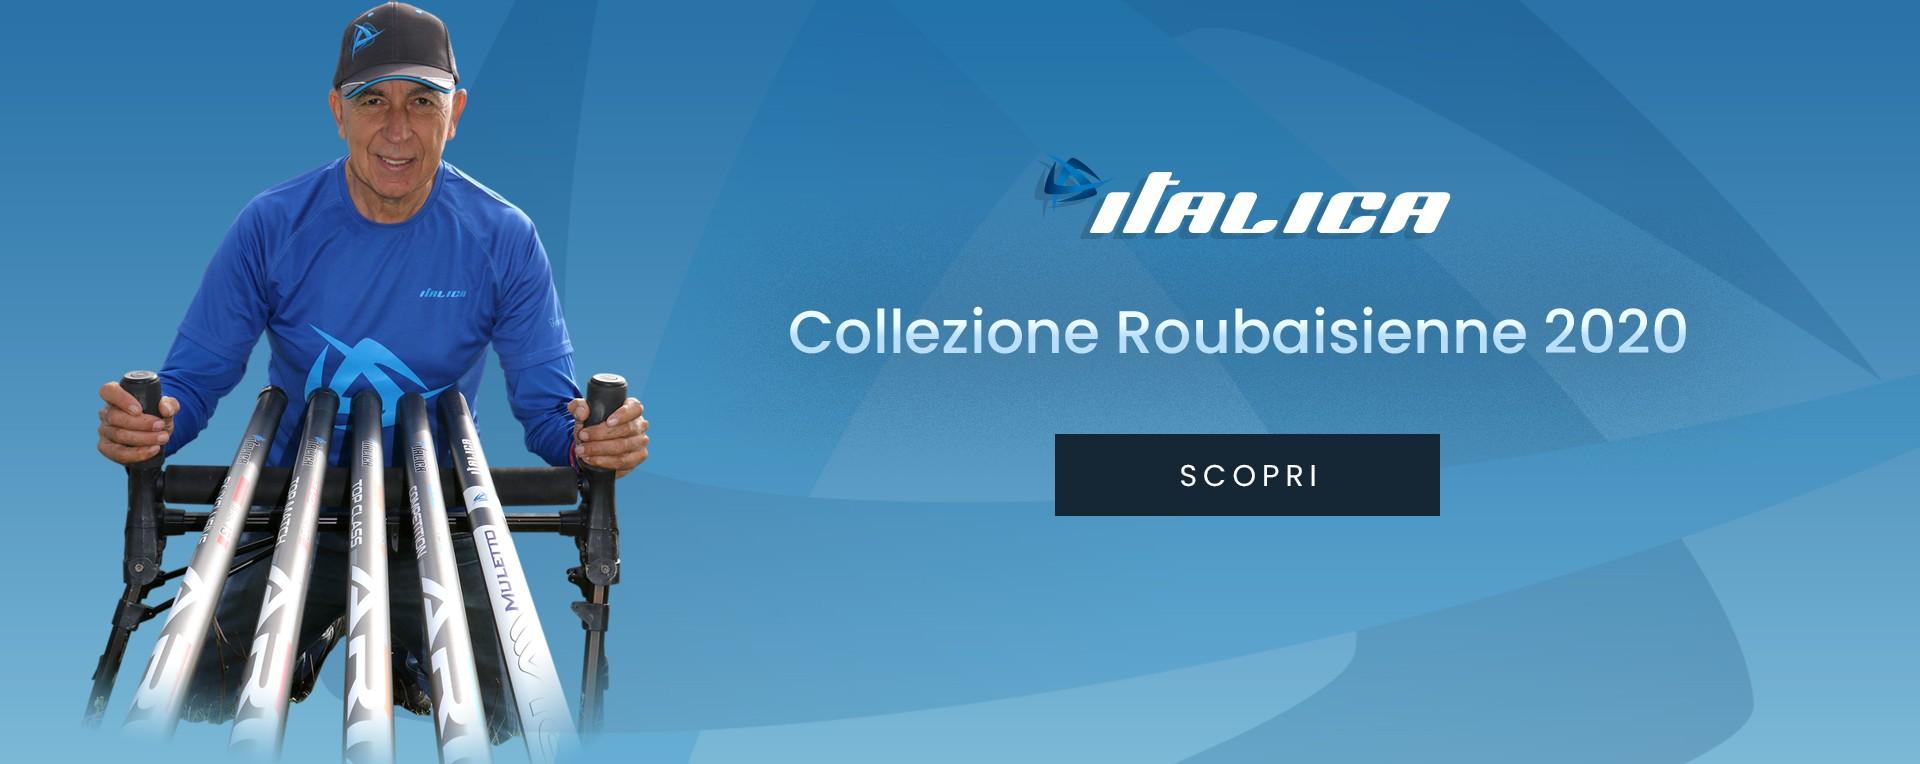 Roubaisienne Italica 2020